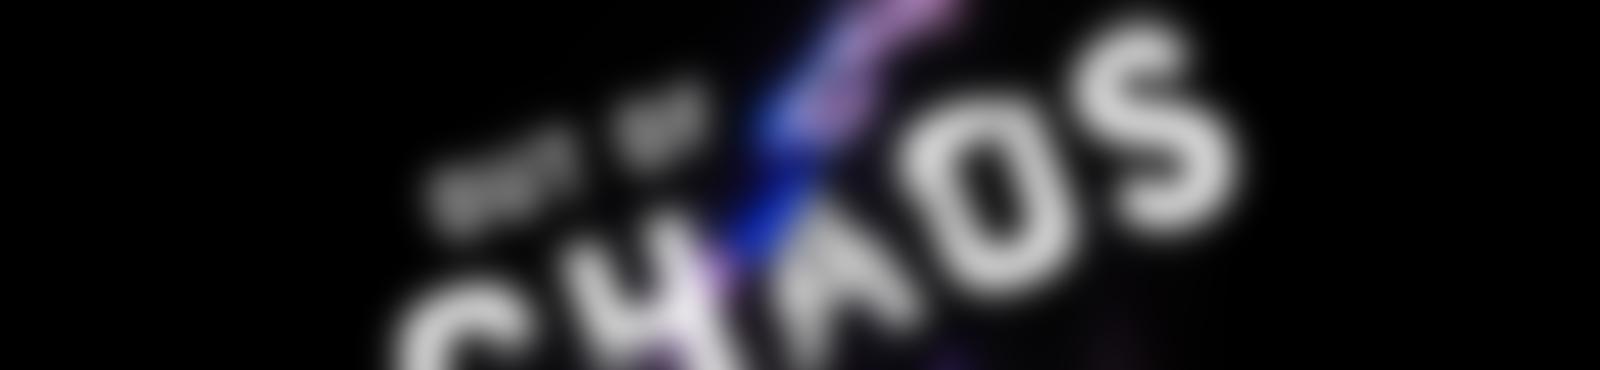 Blurred 0bb4099e ba61 4639 8c64 0dc306dc2783